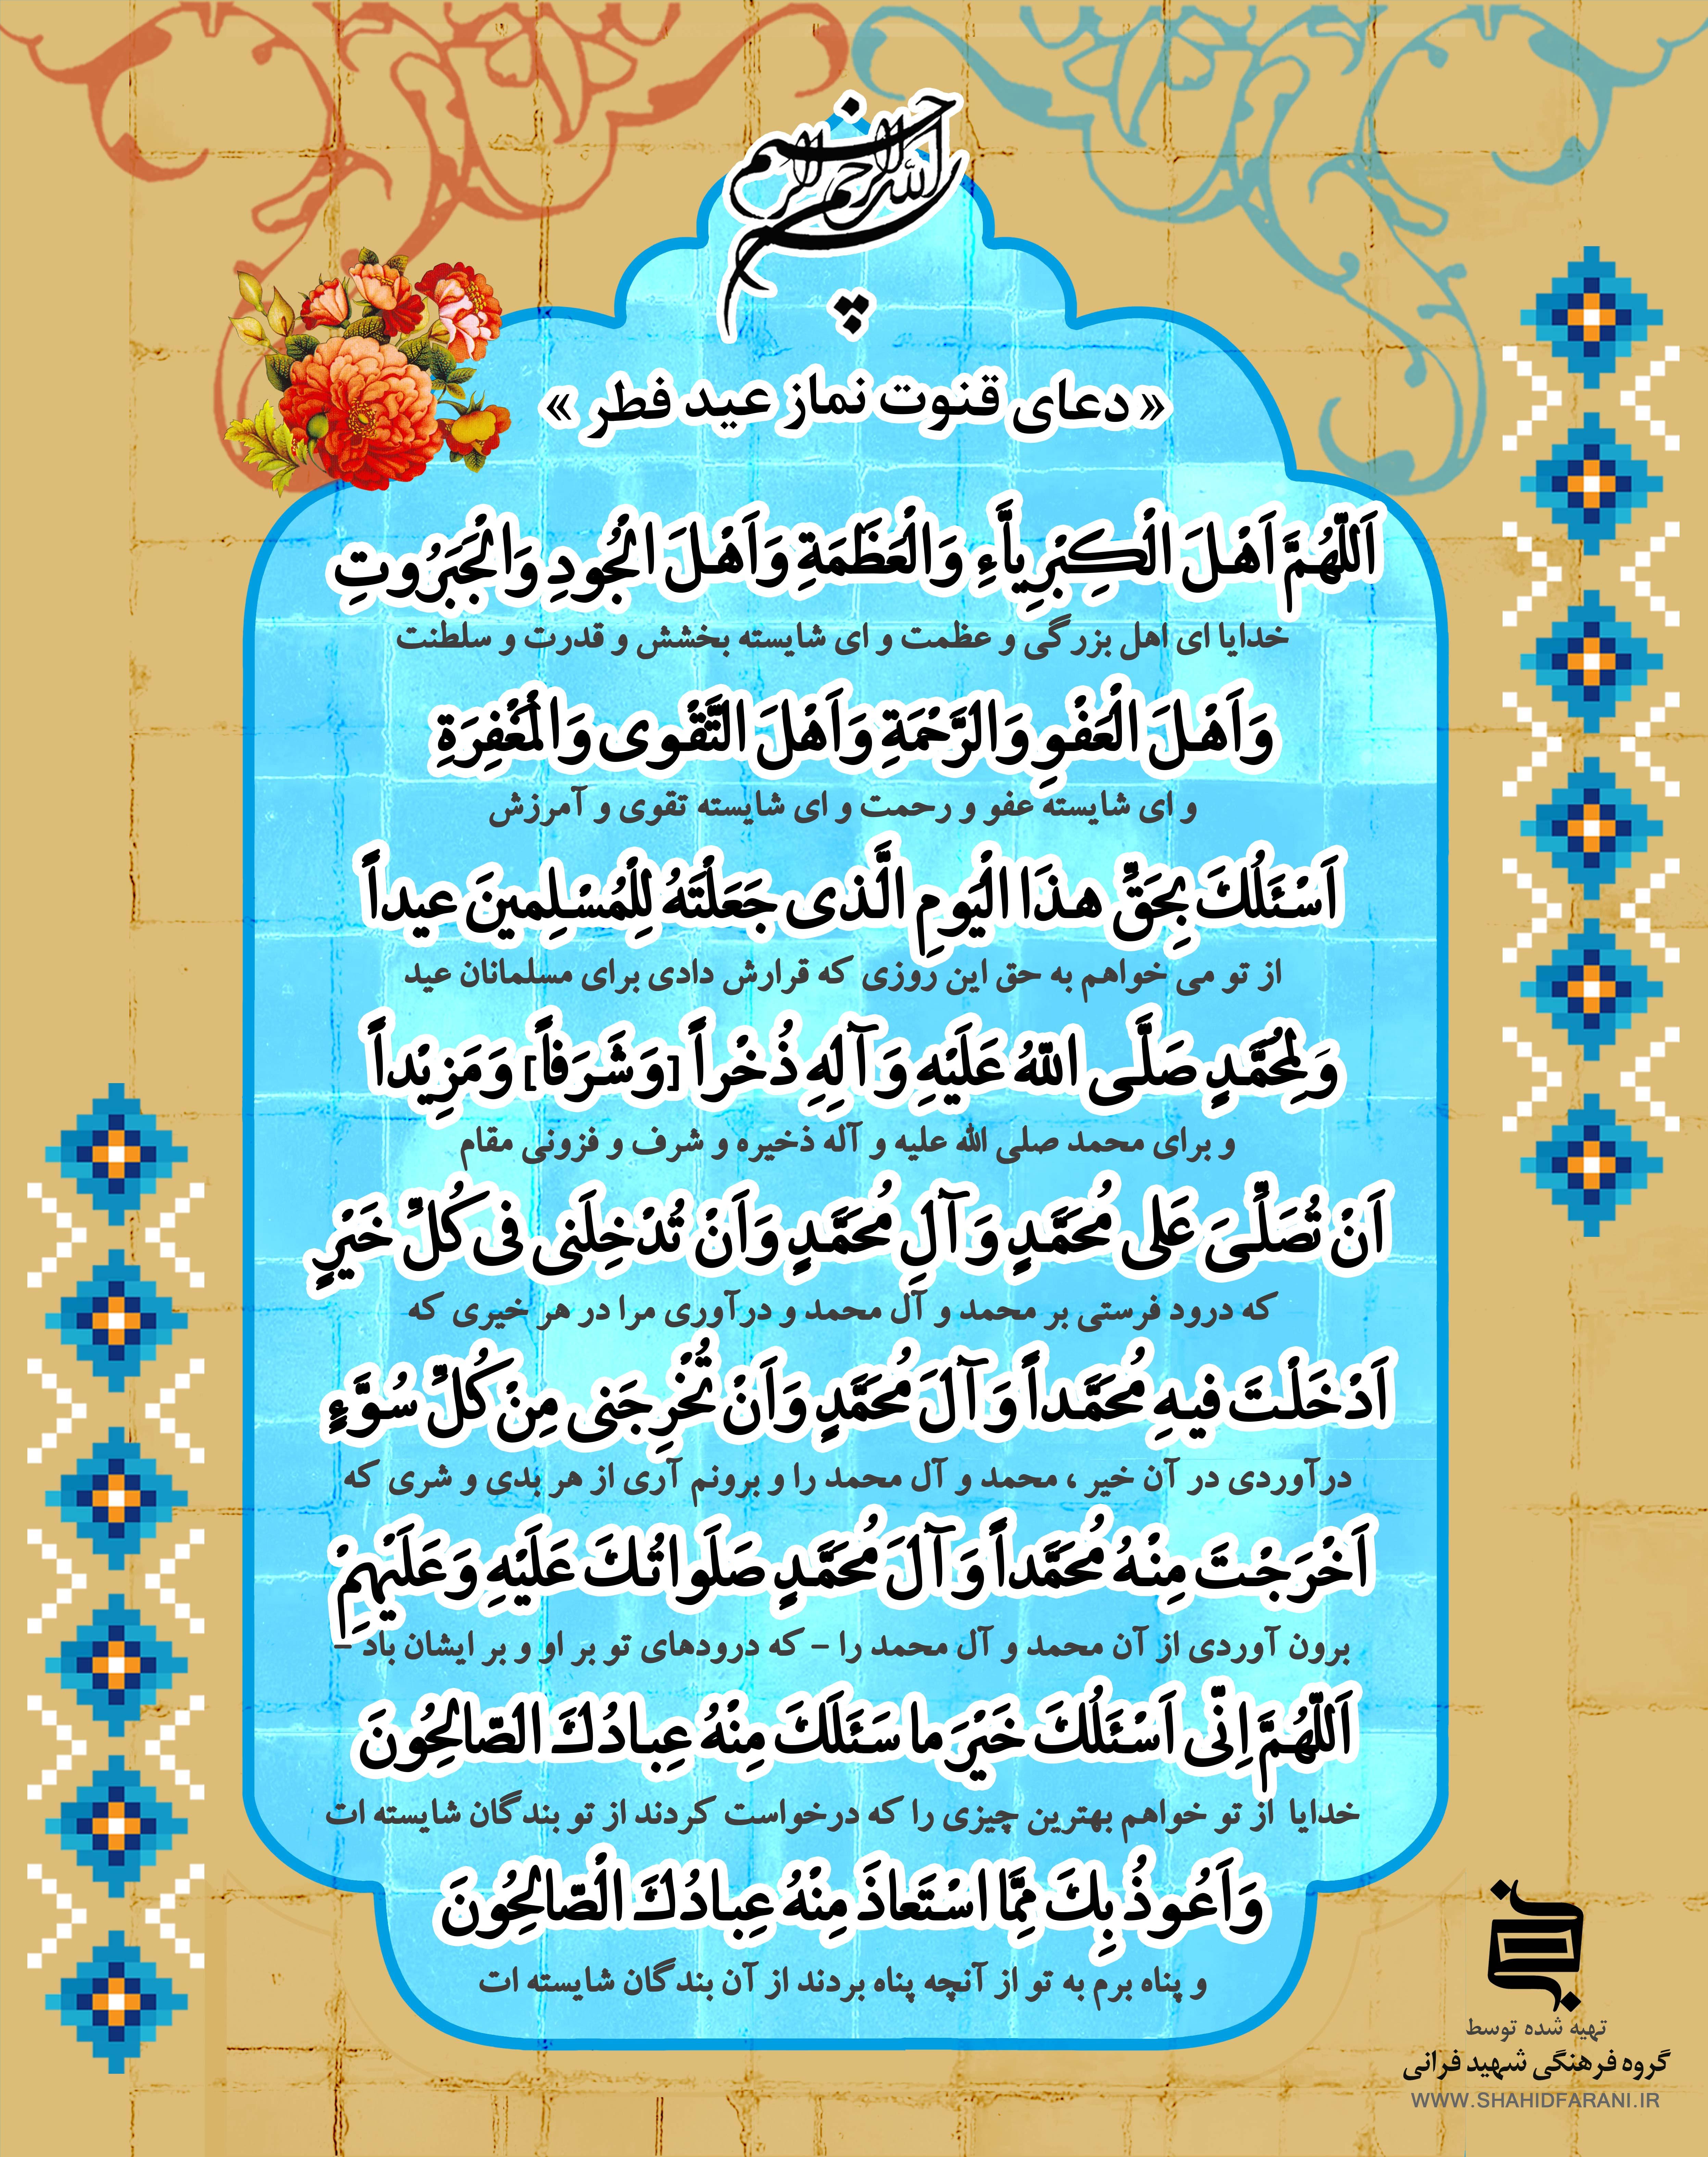 دعای عید قربان برای ذبح